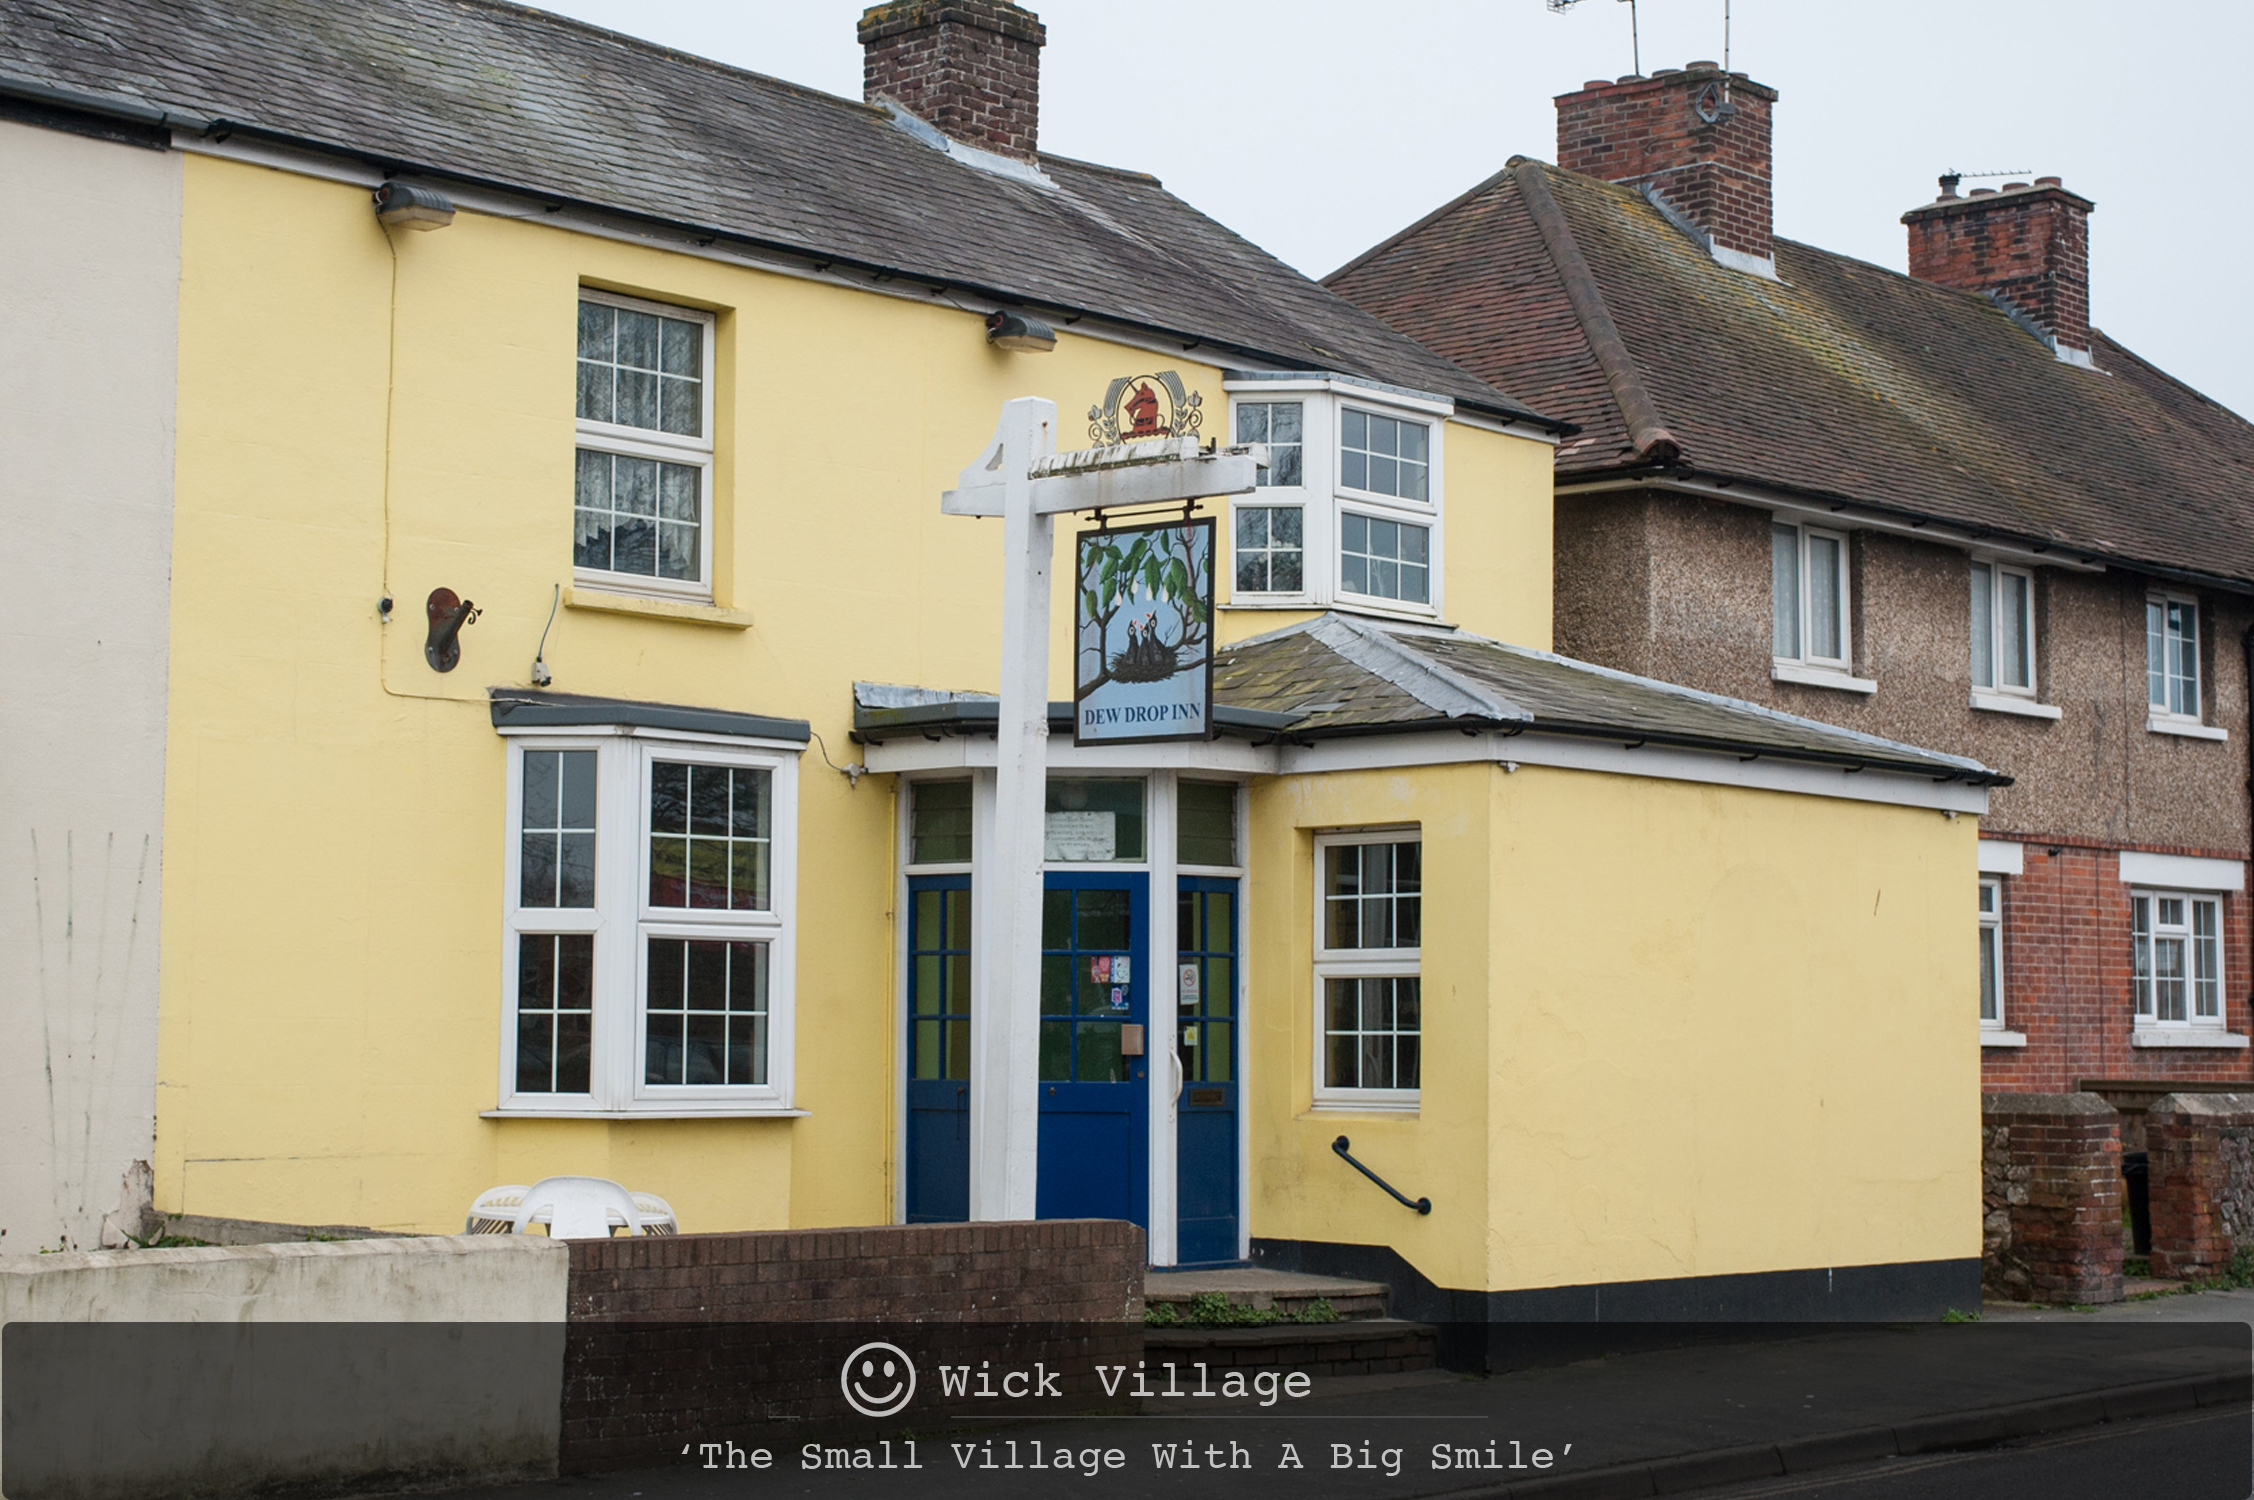 The Dew Drop Inn, Wick Village, Littlehampton.